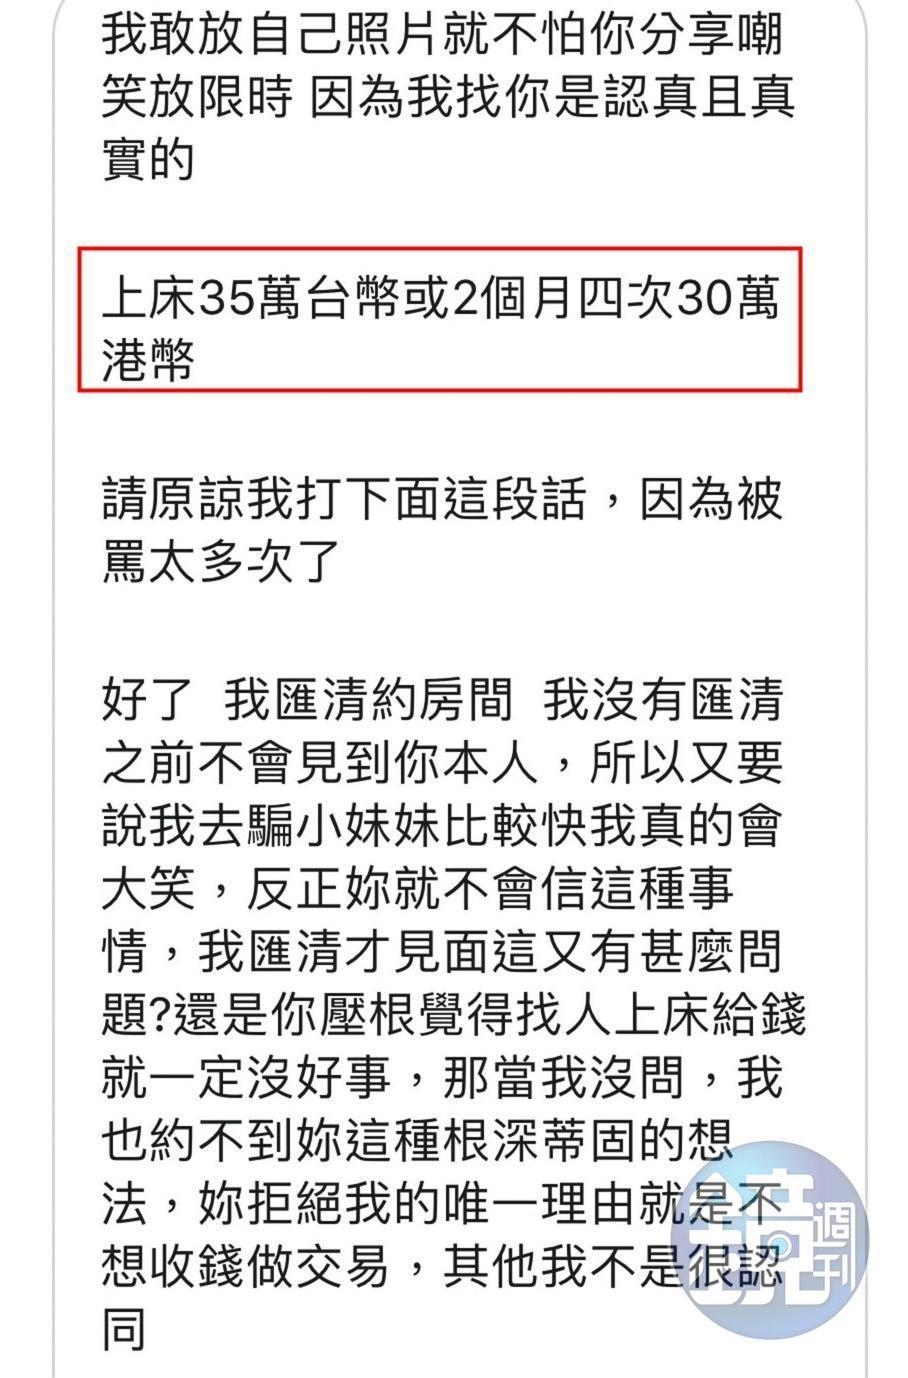 假富豪楊震豪傳「工作訊息」給小安,開出上床1次35萬元的價碼。(讀者提供)